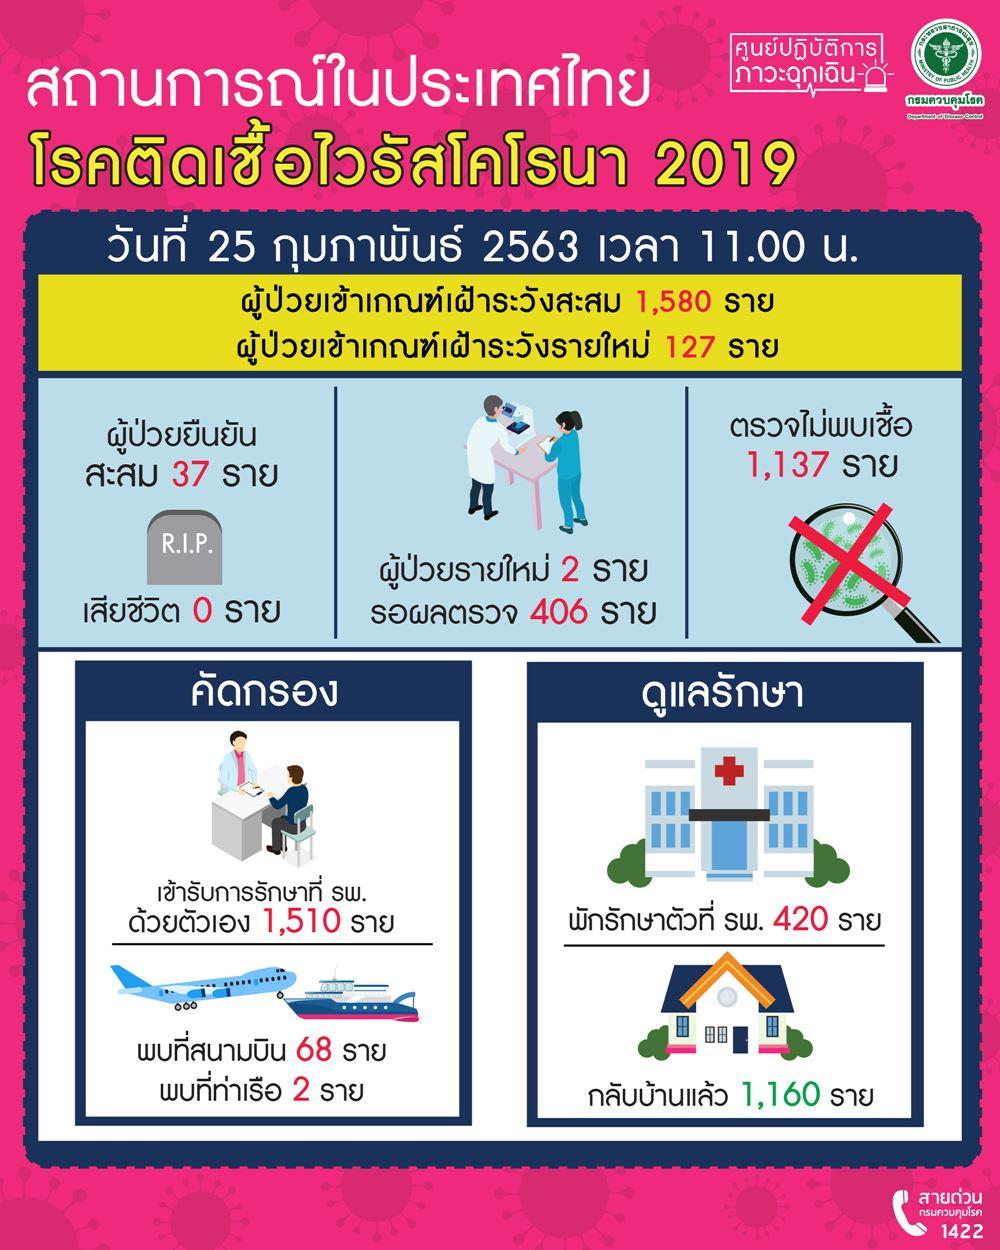 โรคติดเชื้อไวรัสโคโรนาสายพันธุ์ใหม่ 2019 (COVID-19)